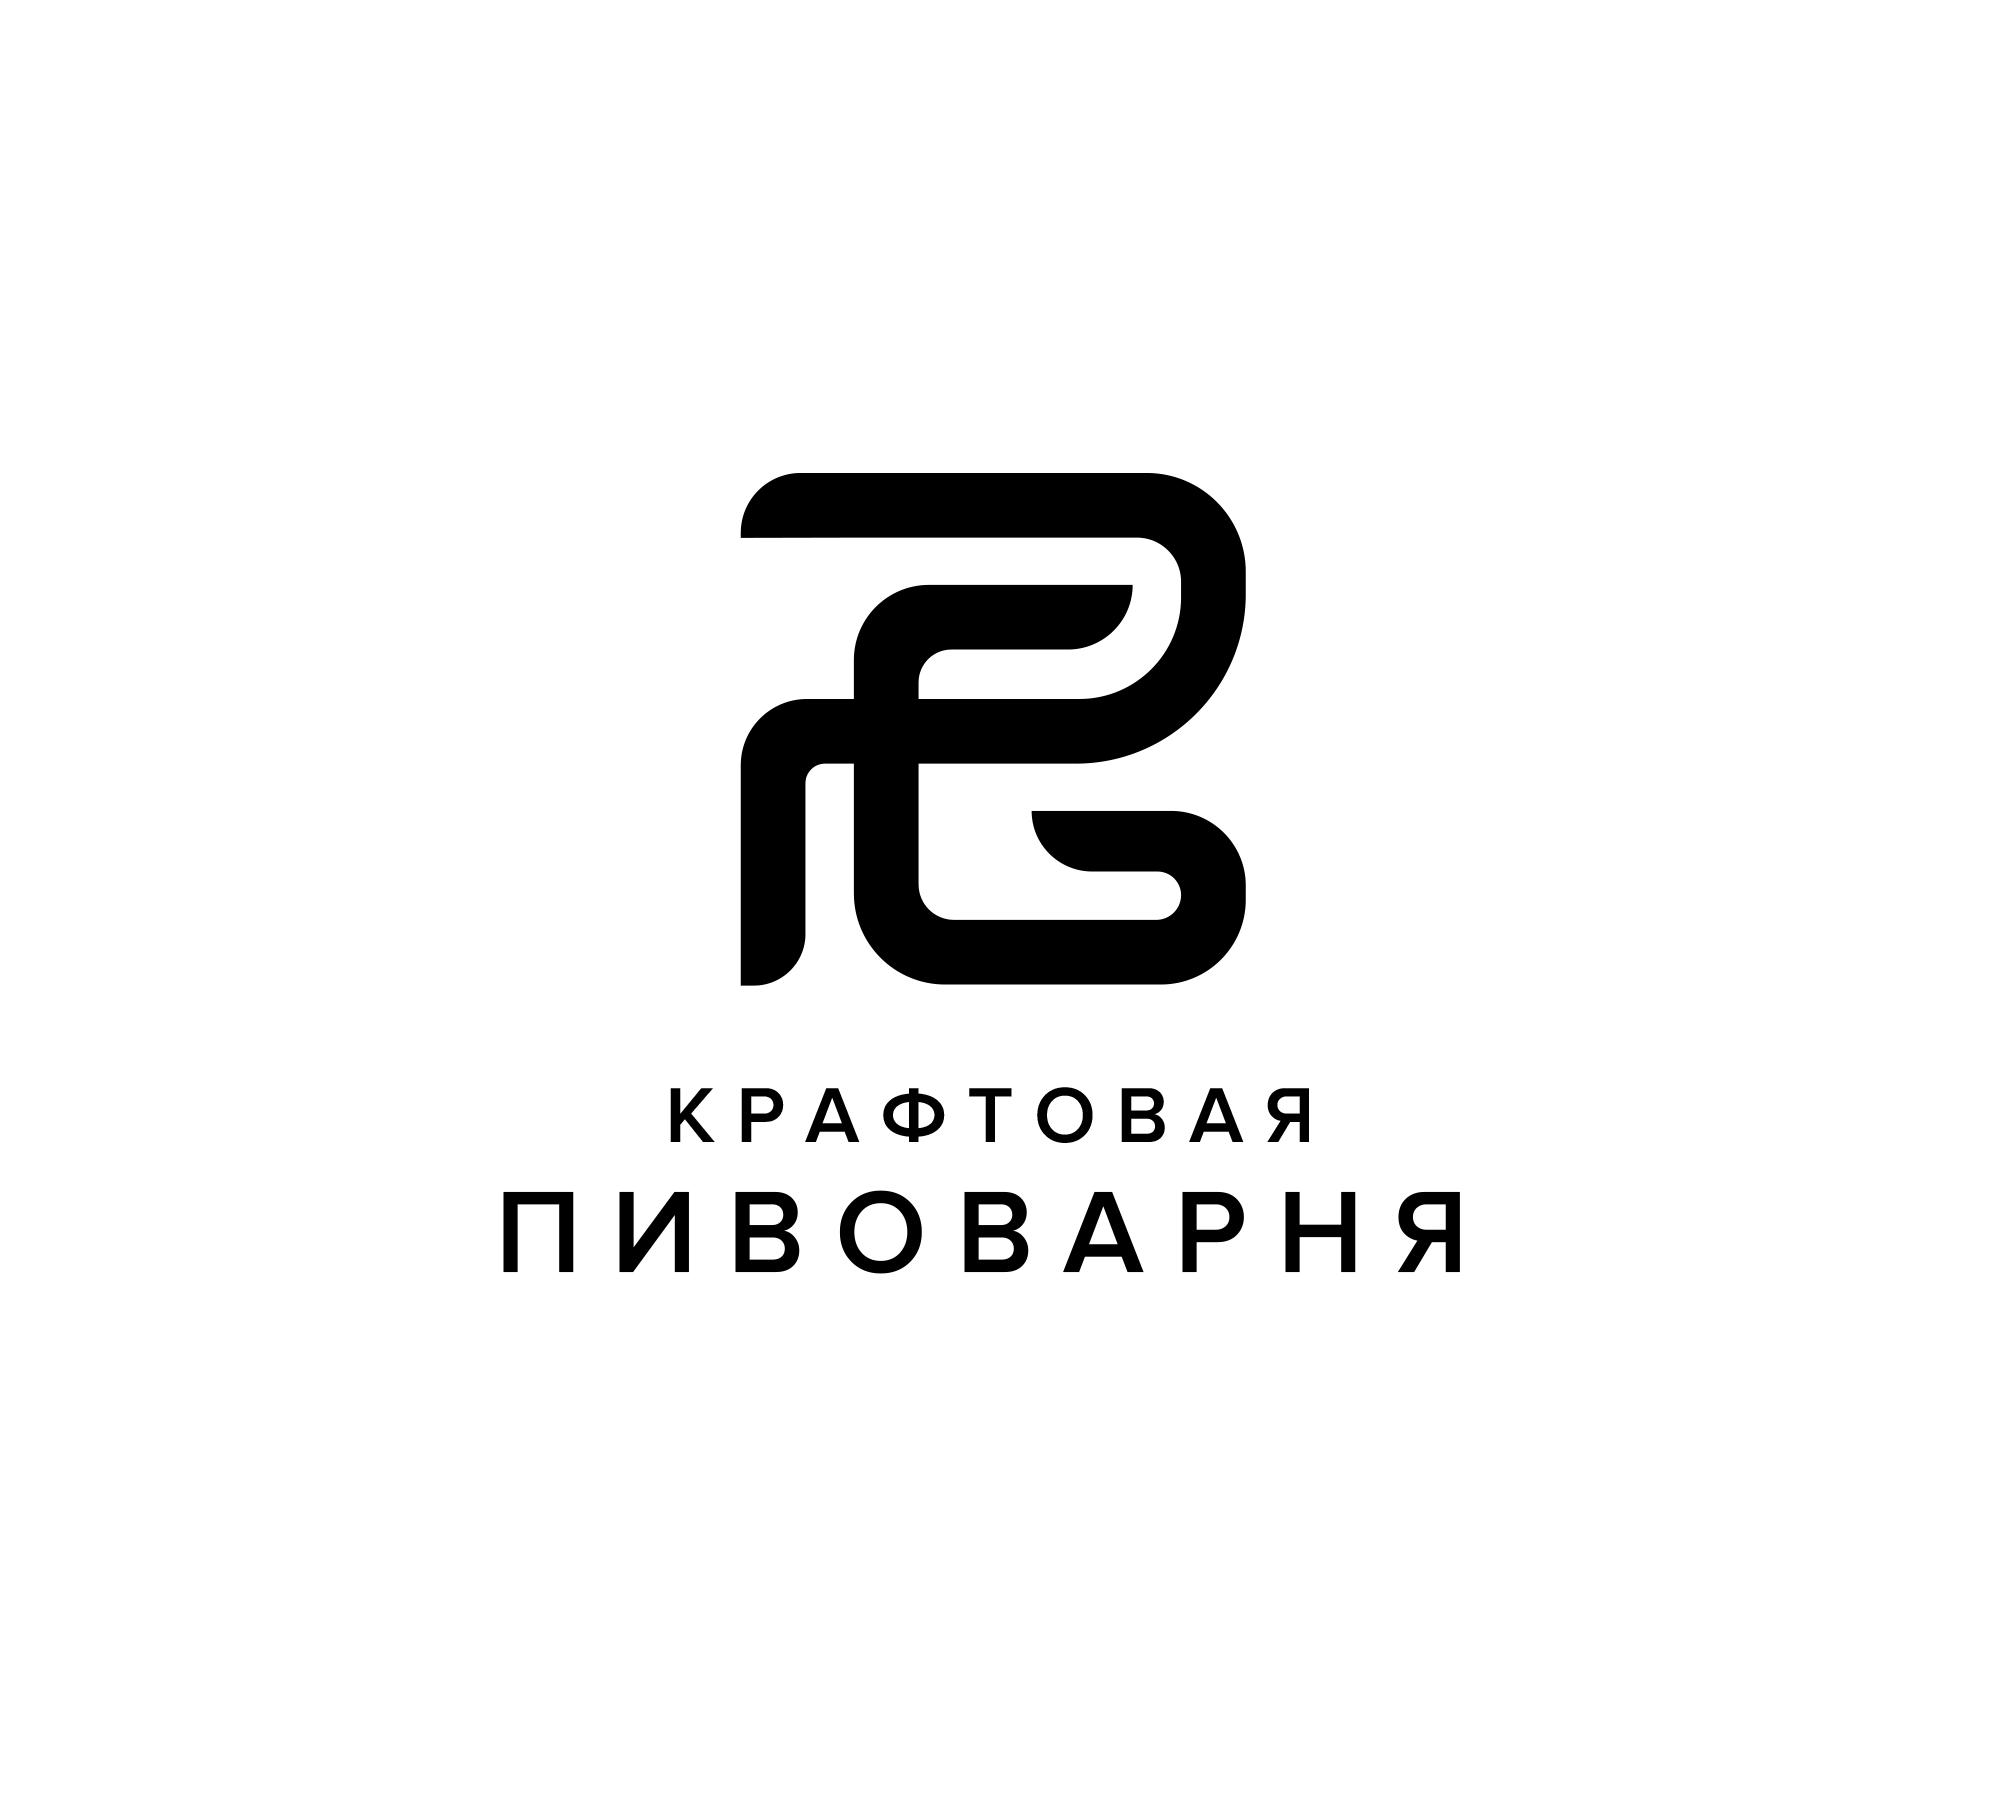 Логотип для Крафтовой Пивоварни фото f_0125cacc53ecf935.png